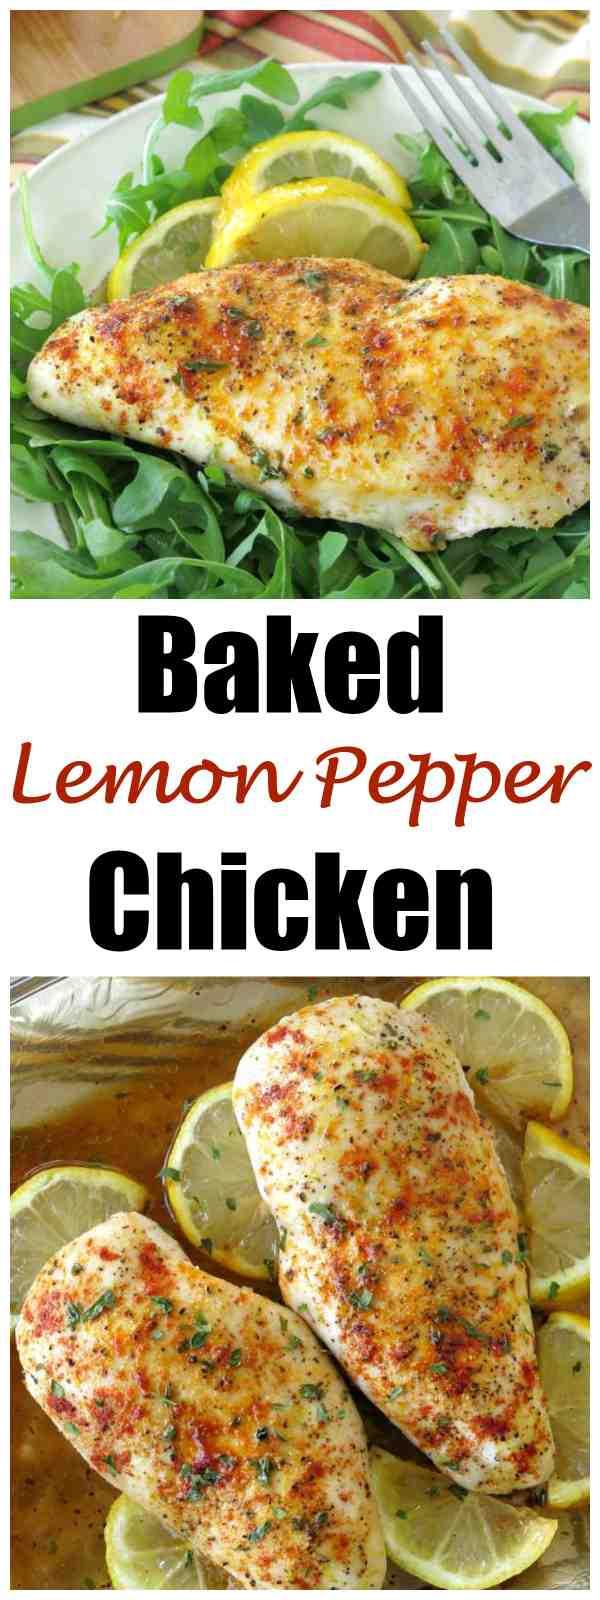 Baked Lemon Pepper Chicken Breast Recipe